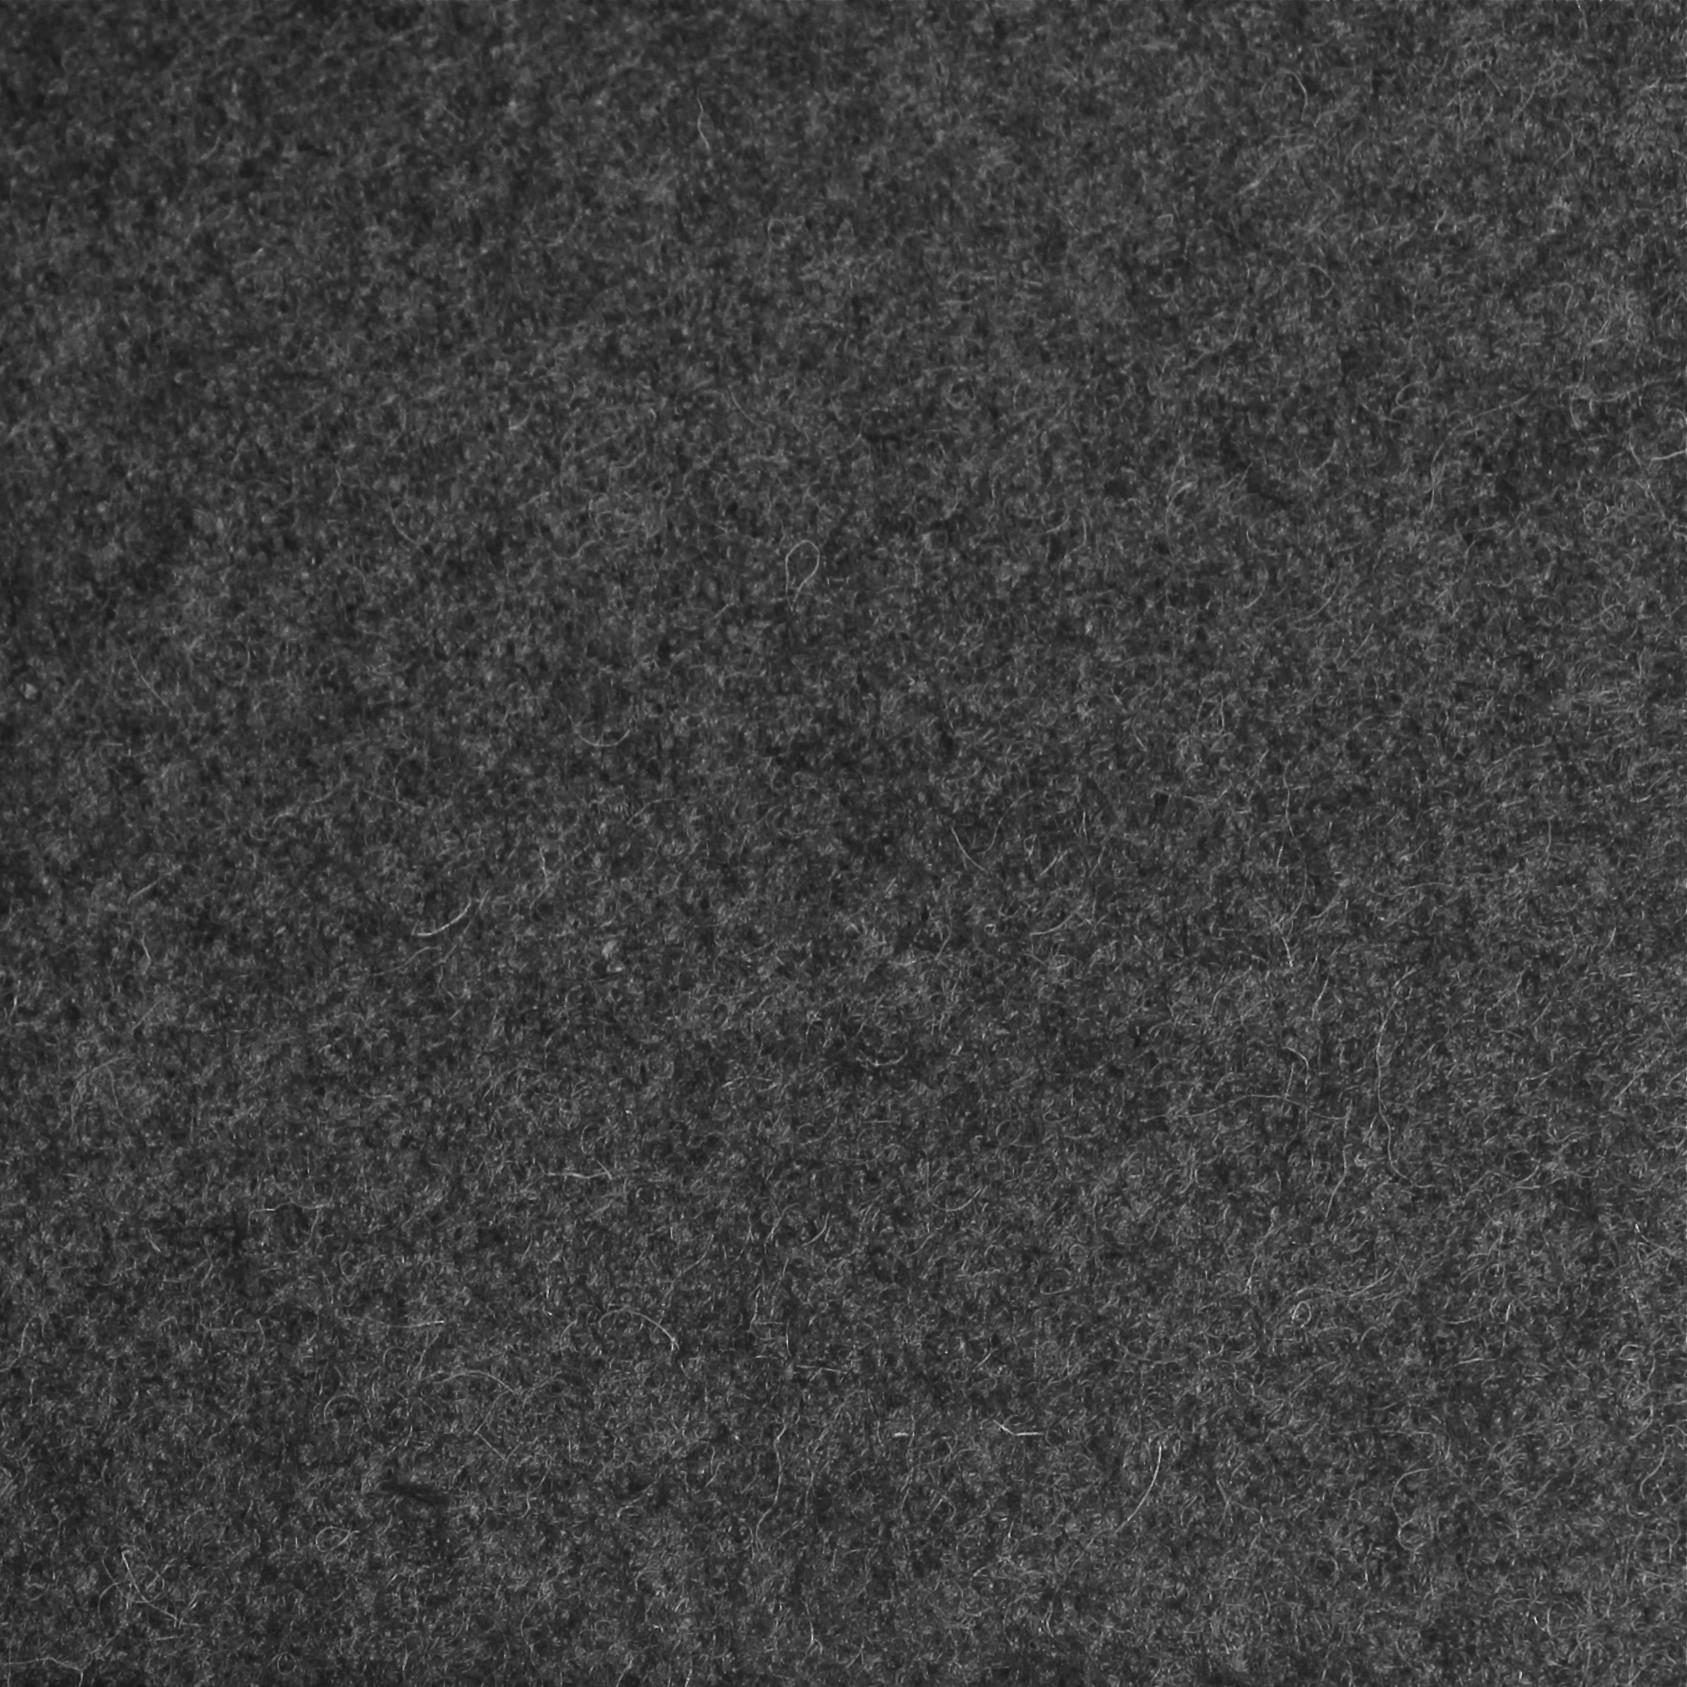 Facet Middengrijs - Wool